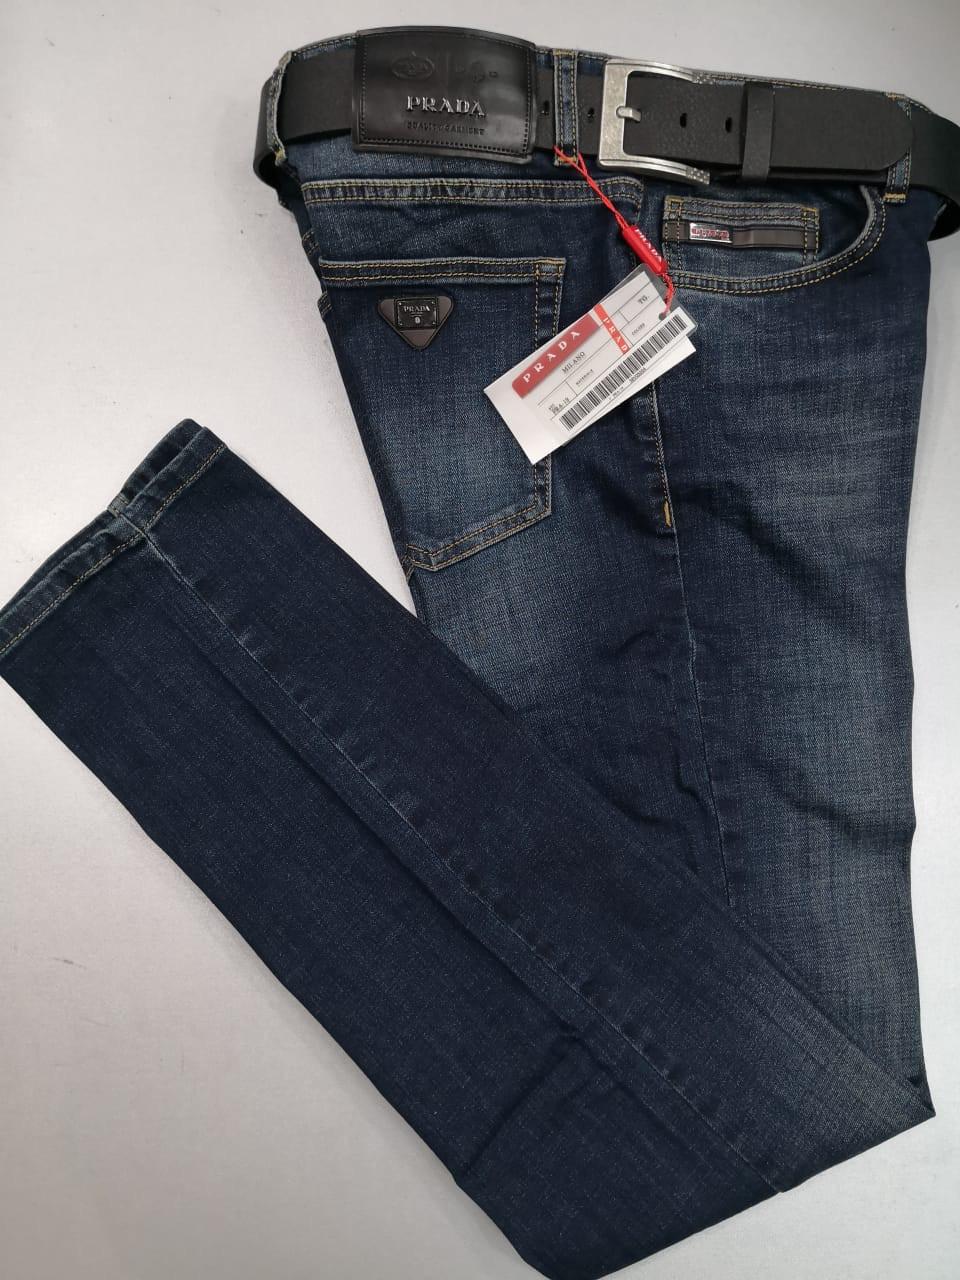 dea31742b9df8 Мужские джинсы Prada D4403 темно-синие - купить по лучшей цене, от ...